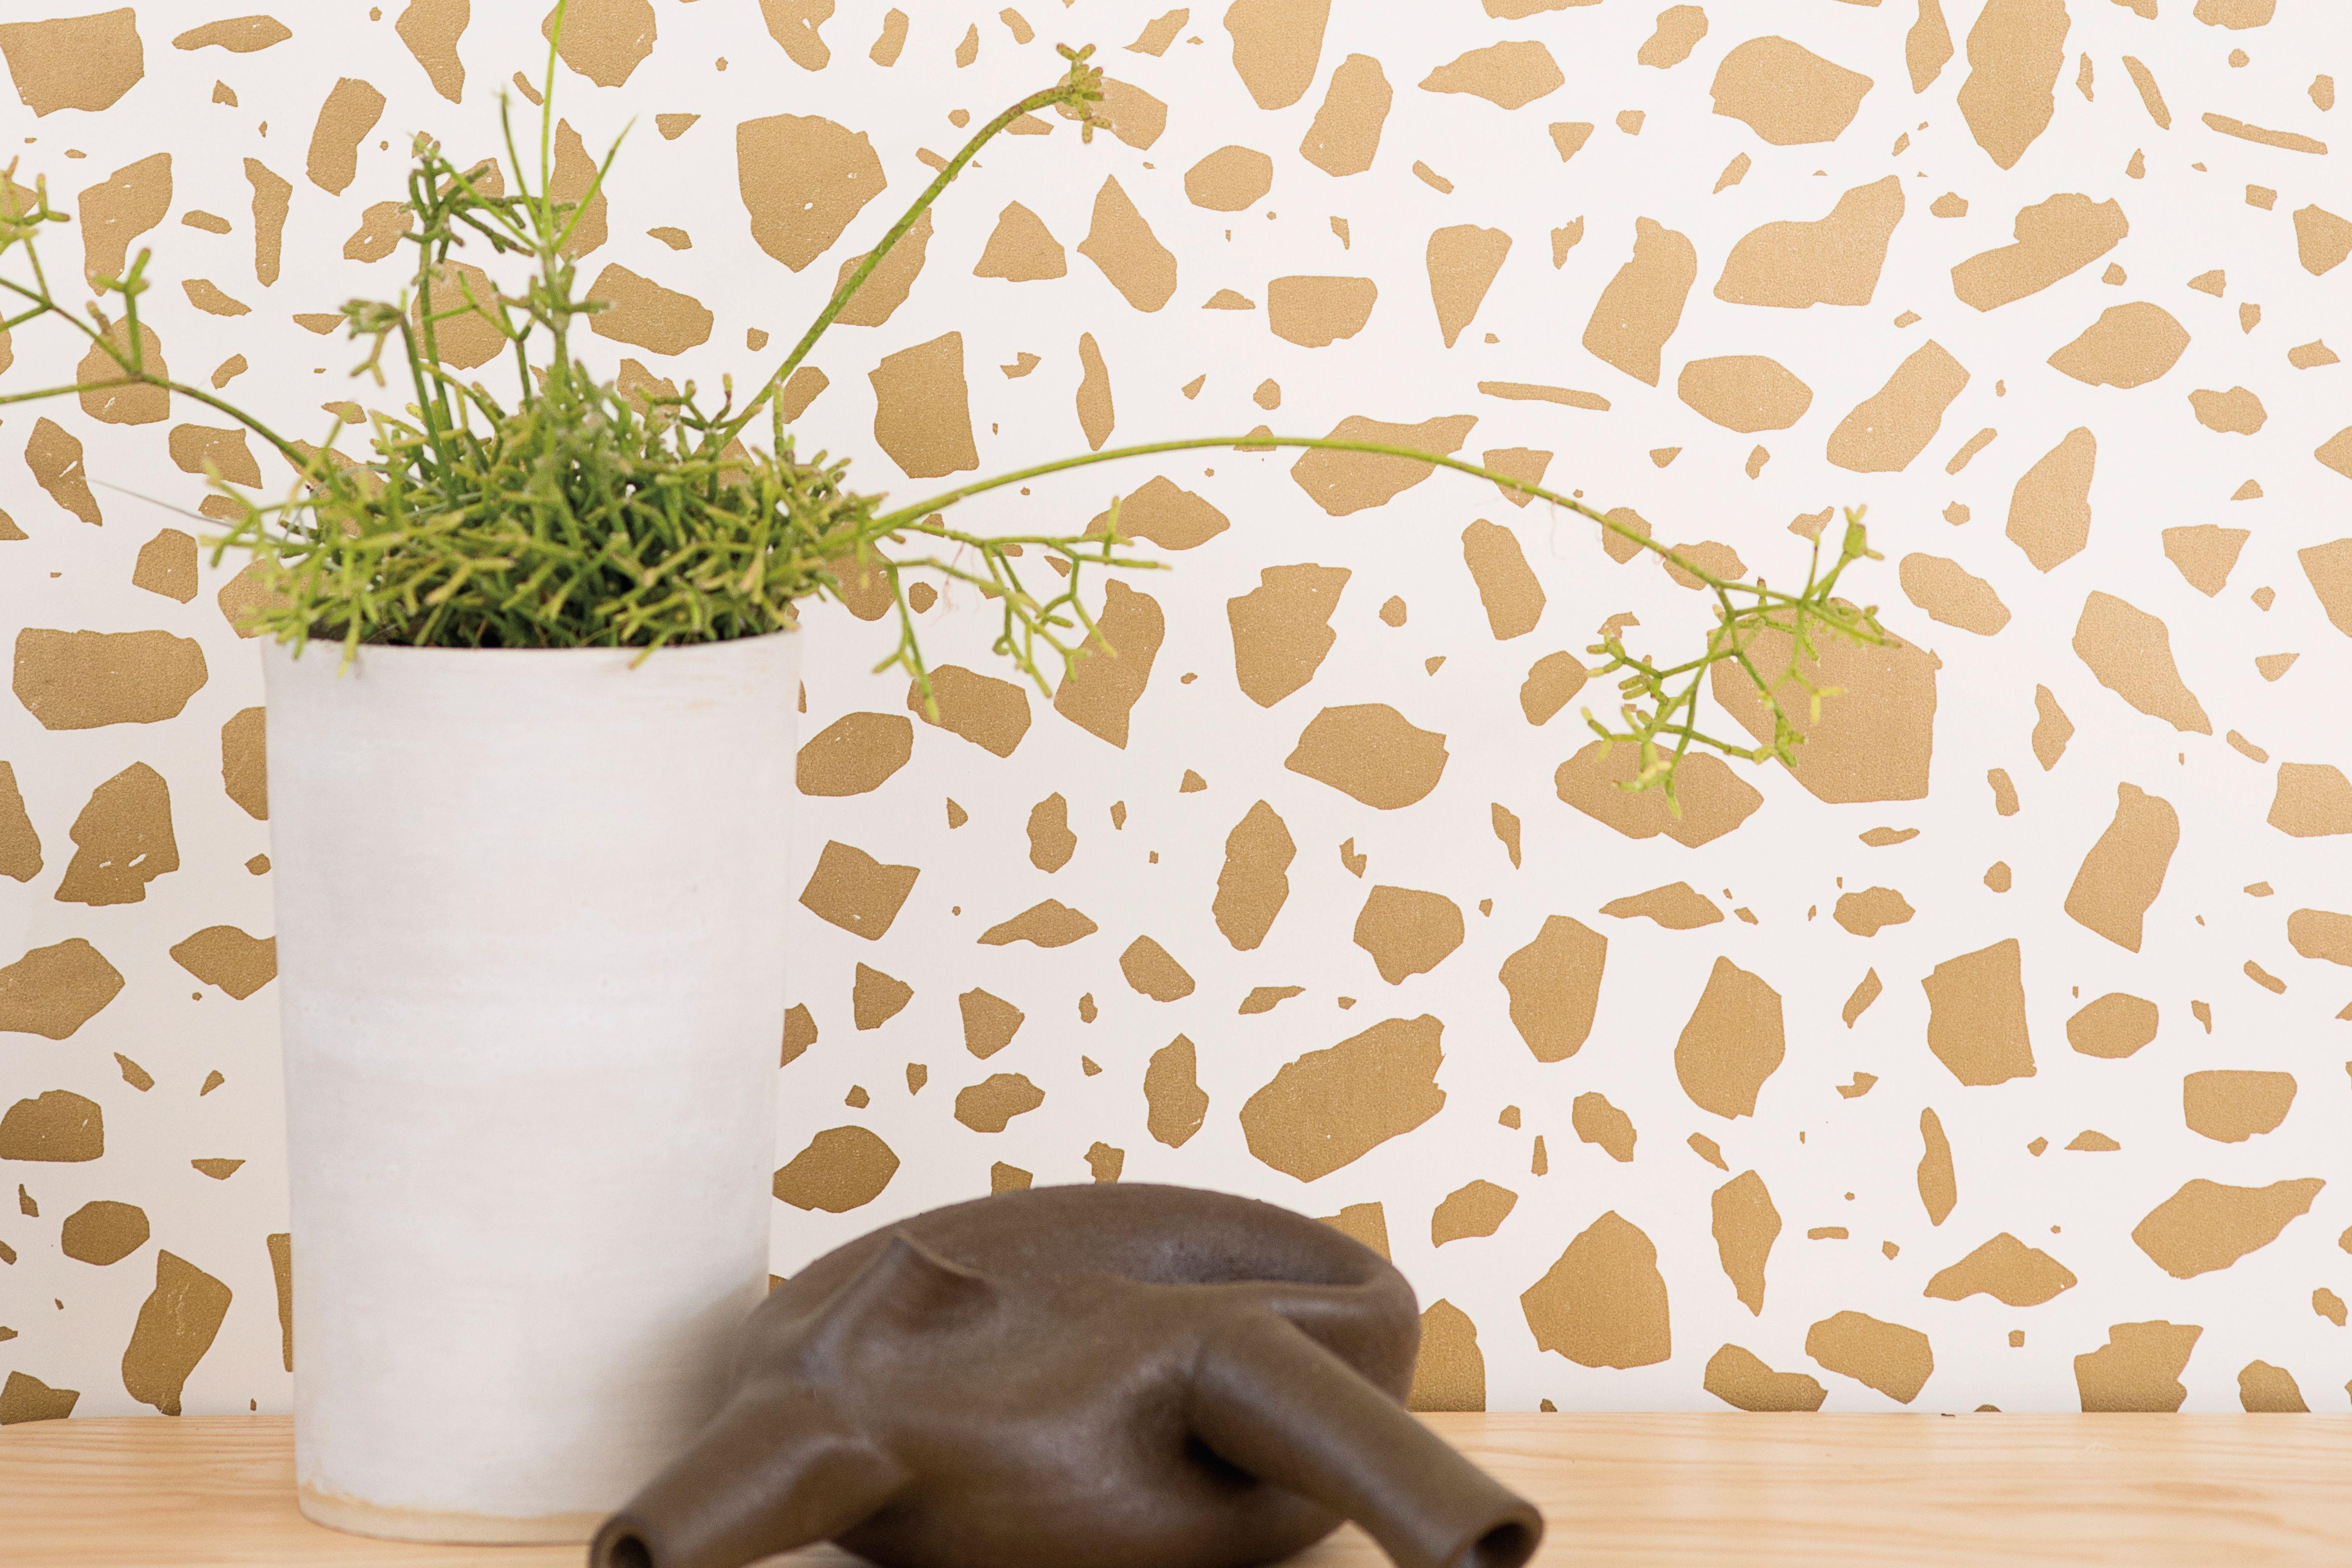 Pomo 0716 trophy case juju wallpaper swbxvr